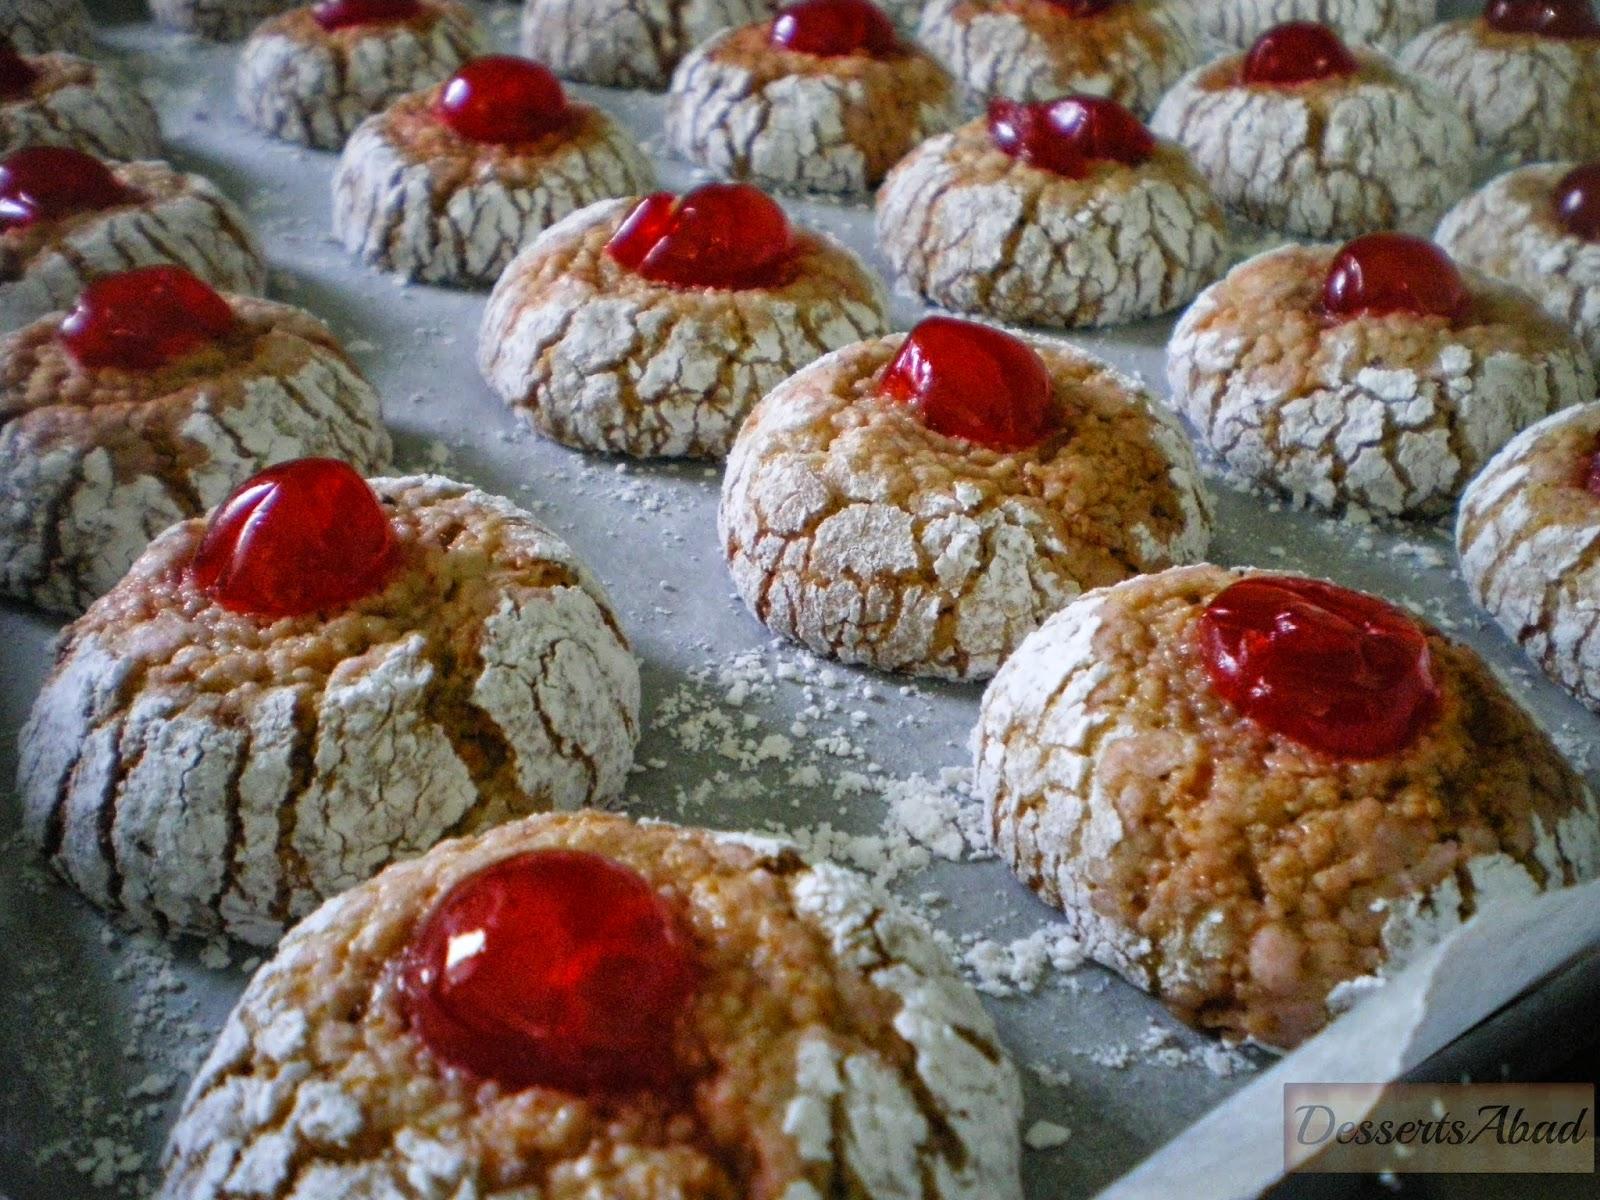 Pastas marroquís